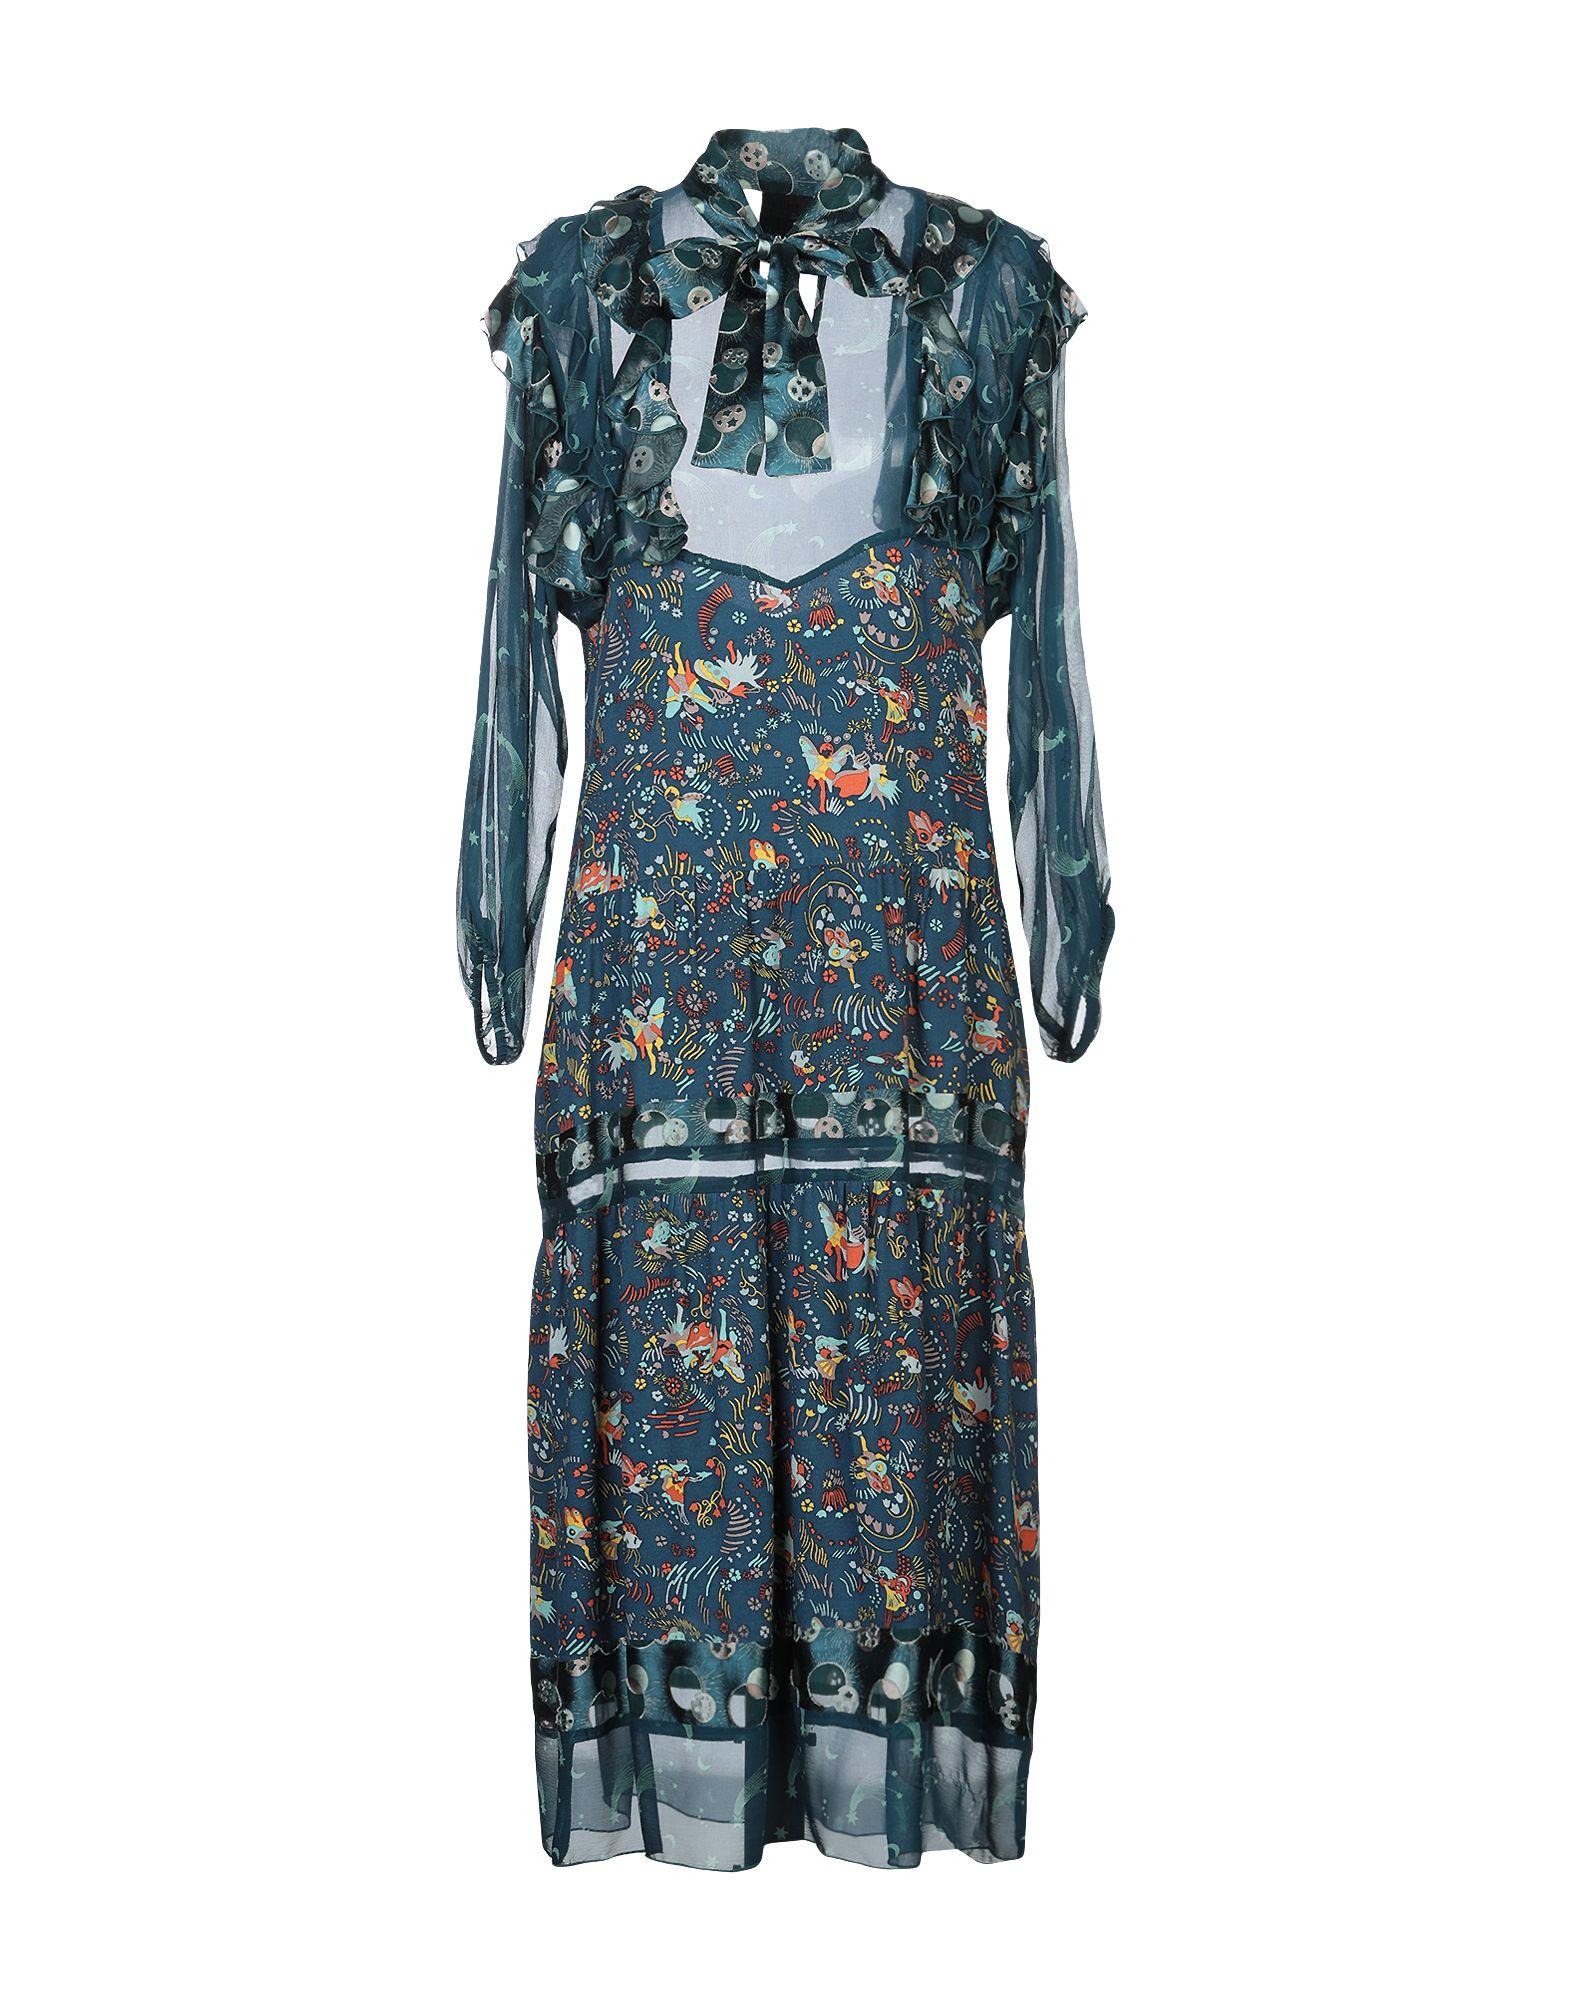 ANNA SUI Платье длиной 3/4 духи anna sui edt 75ml